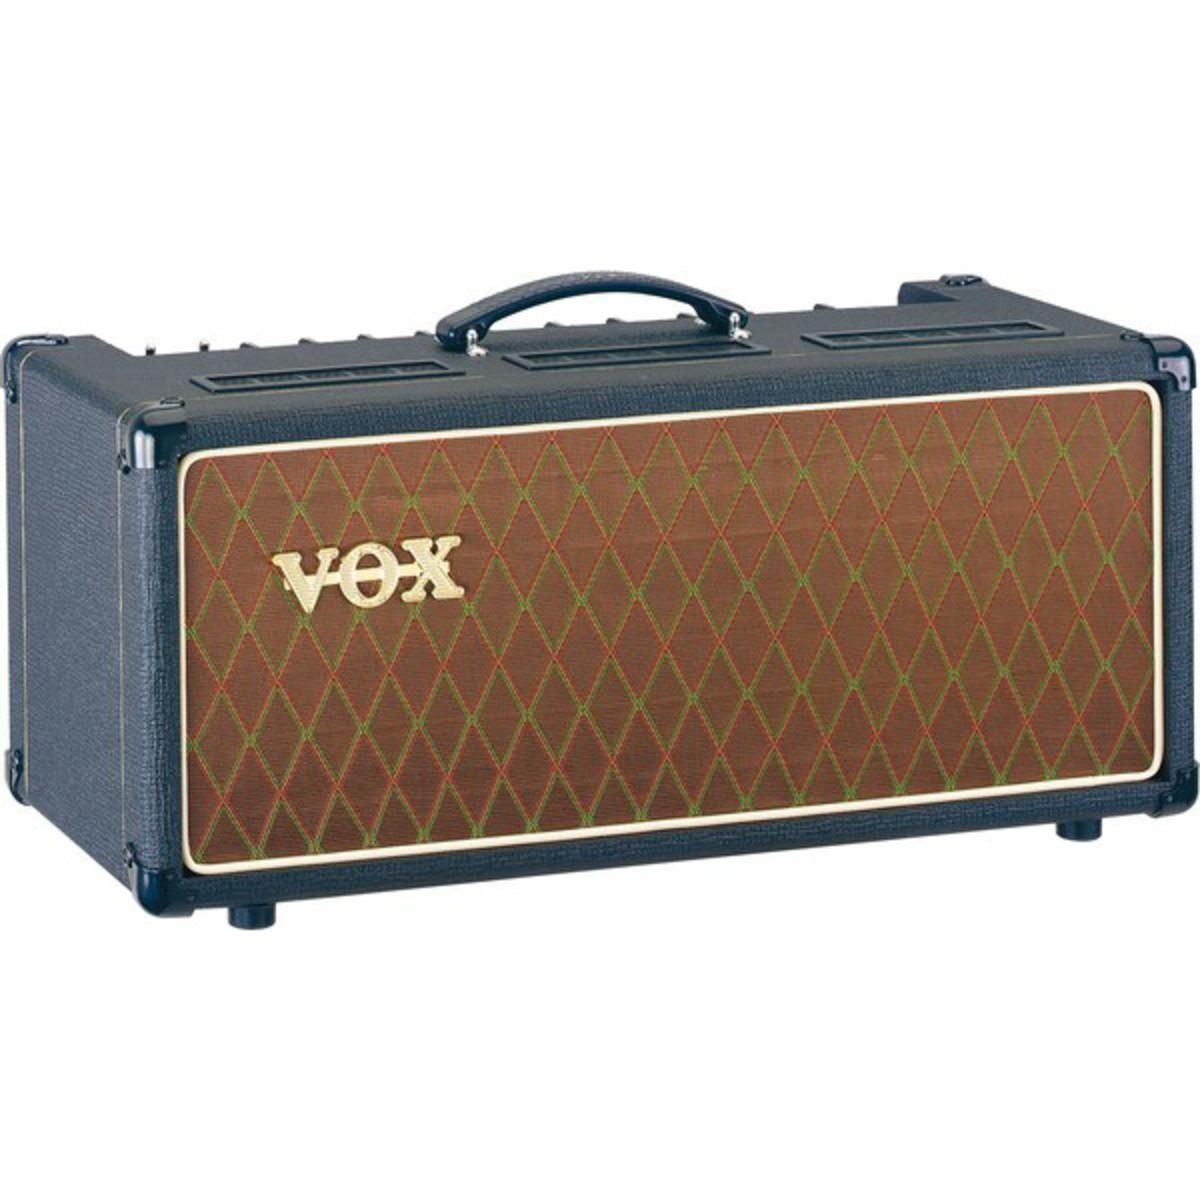 Vox AC15C1 New amp